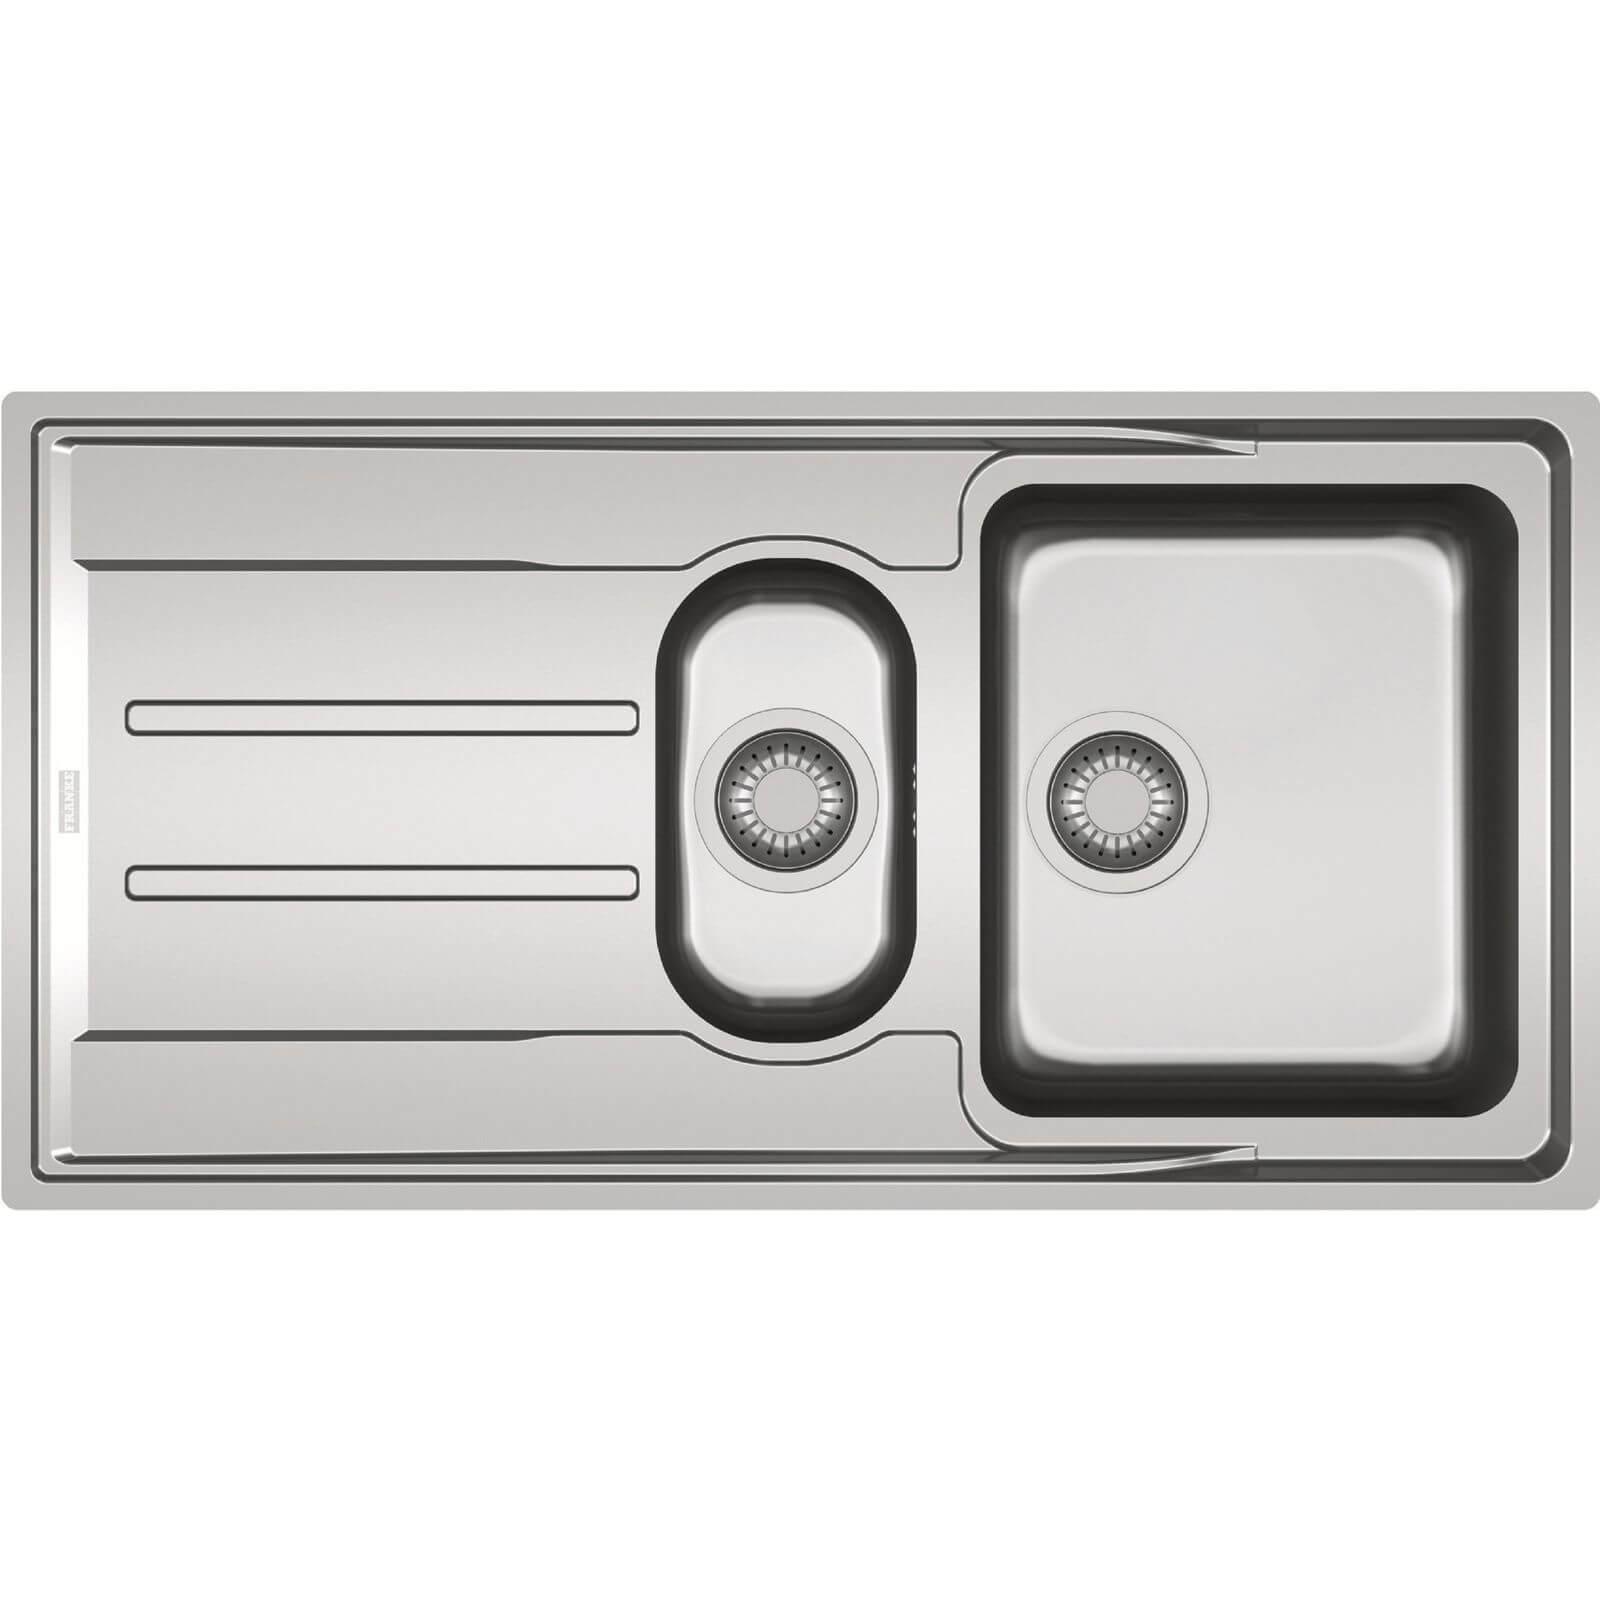 Franke Aton Reversible Kitchen Sink - 1.5 Bowl